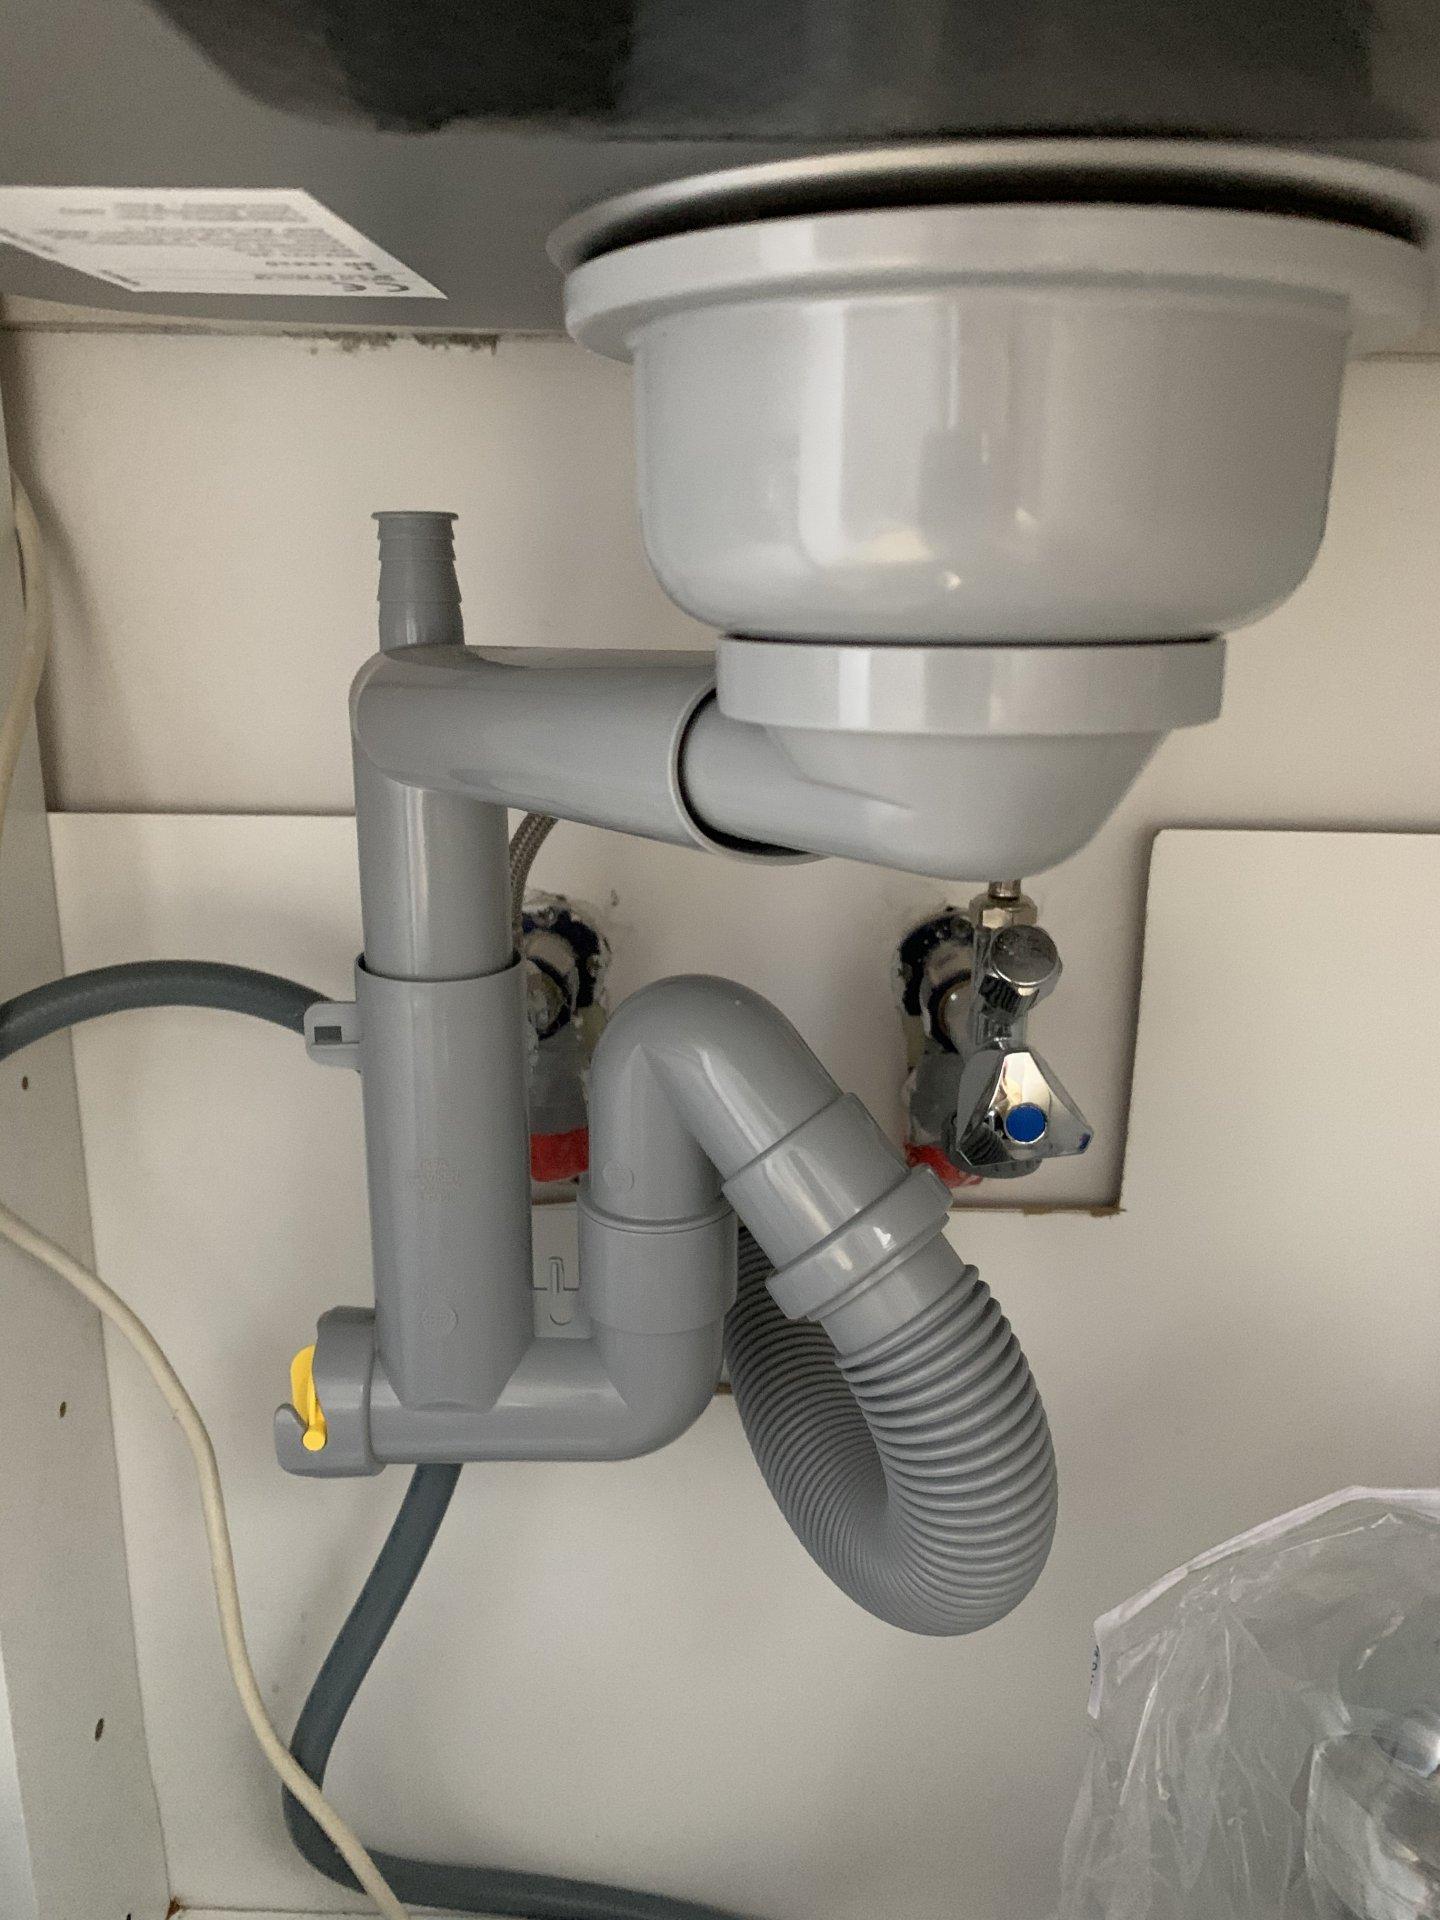 Spulmaschine Ablaufschlauch An Ikea Lillviken Siphon Anschliessen